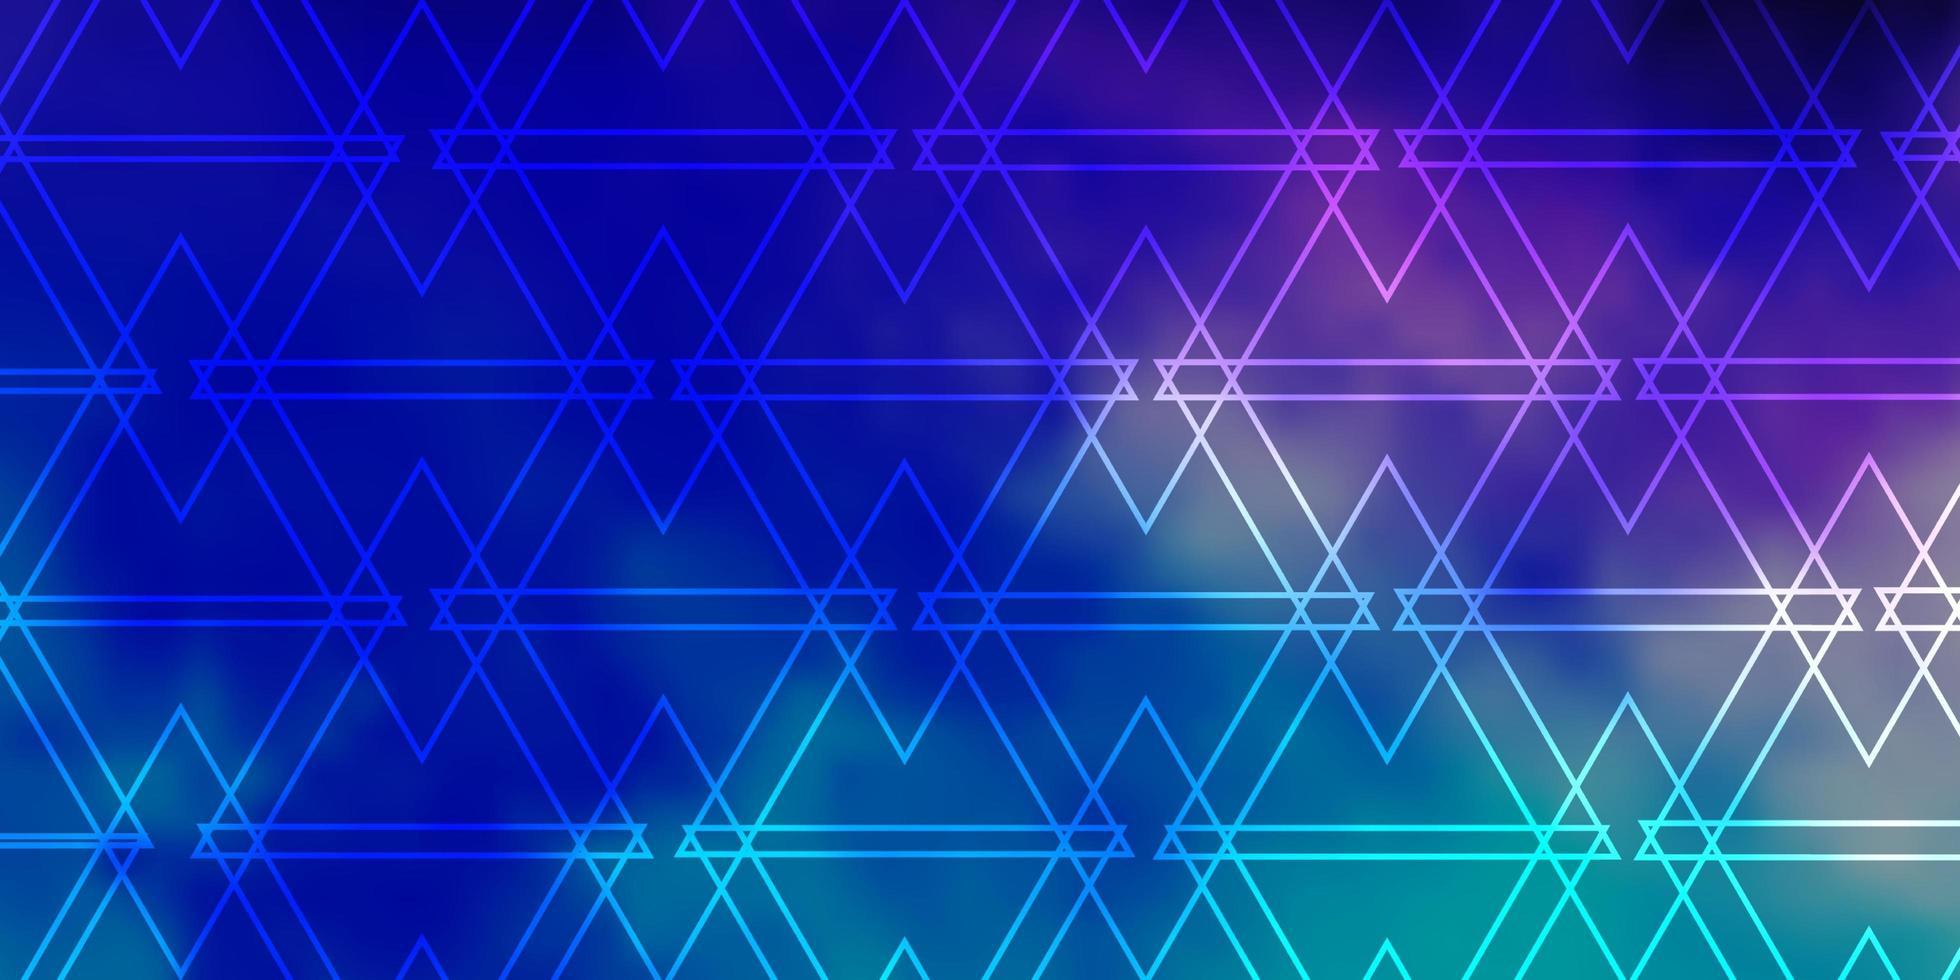 fond rose foncé, bleu avec des lignes, des triangles. vecteur